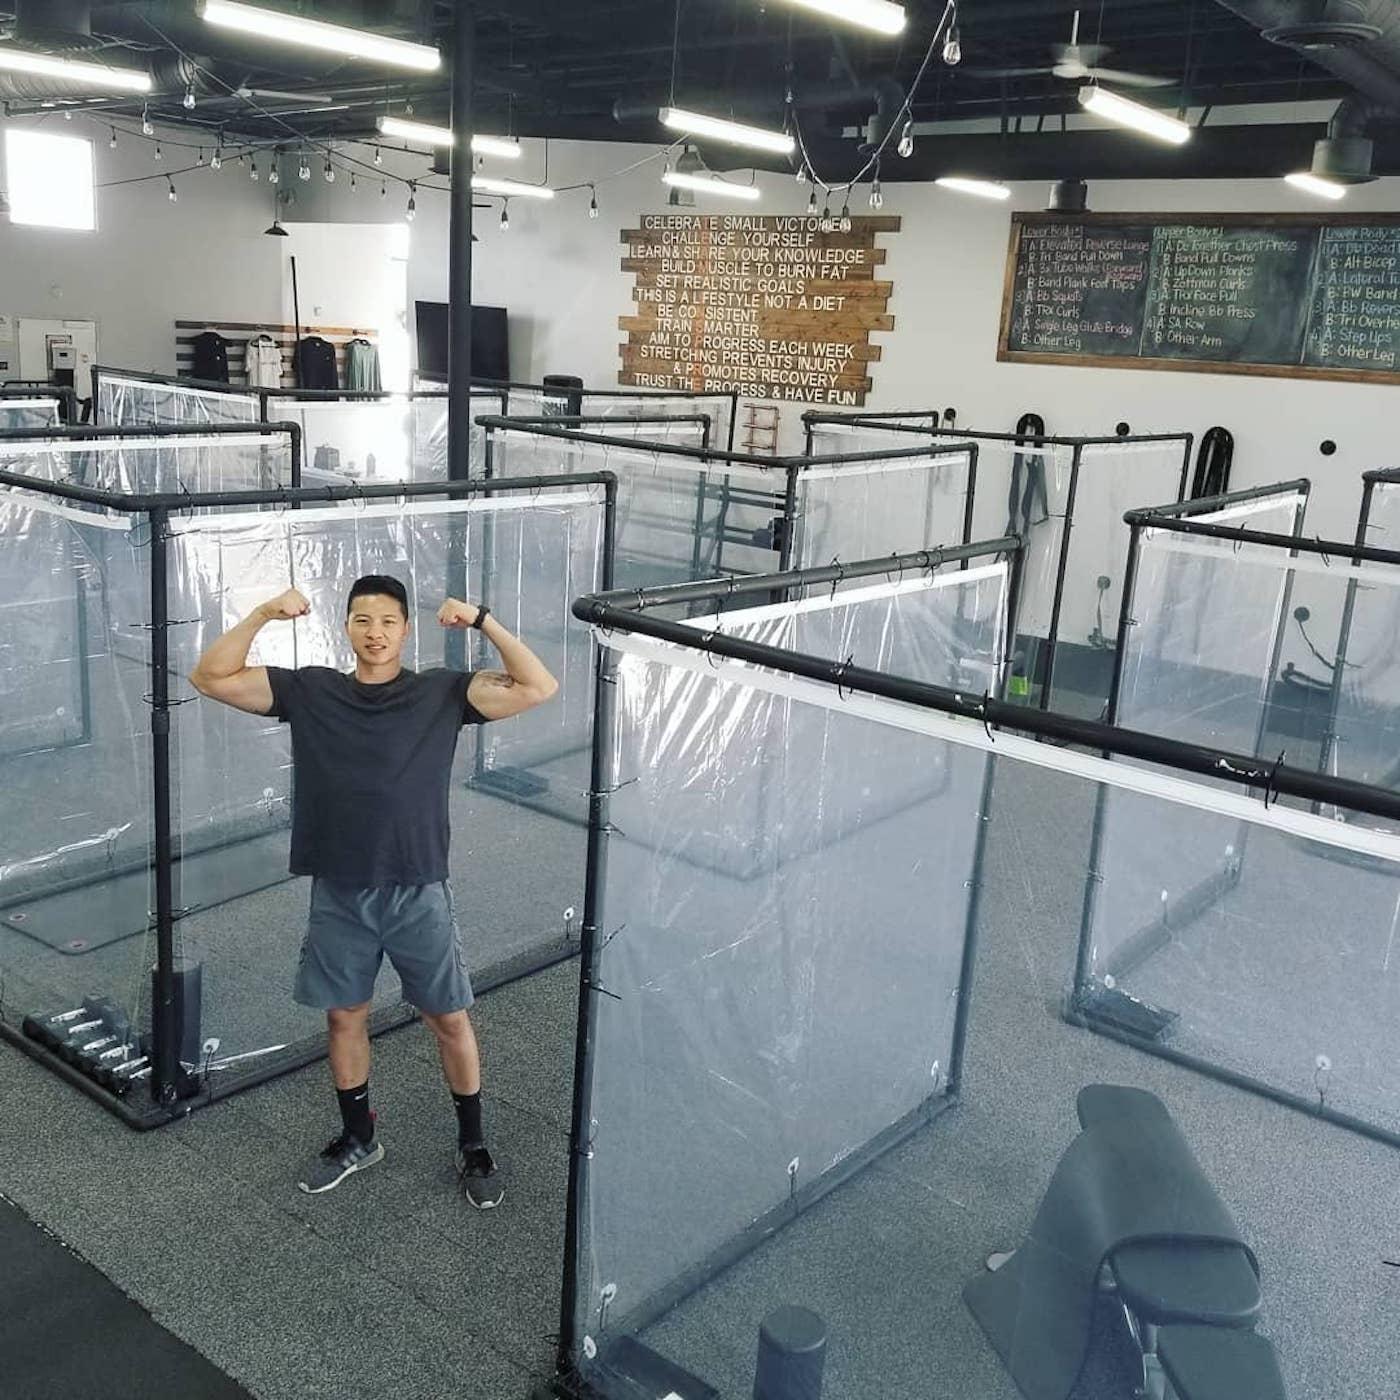 En Californie, cette salle de sport montre sa réouverture après l'épidémie